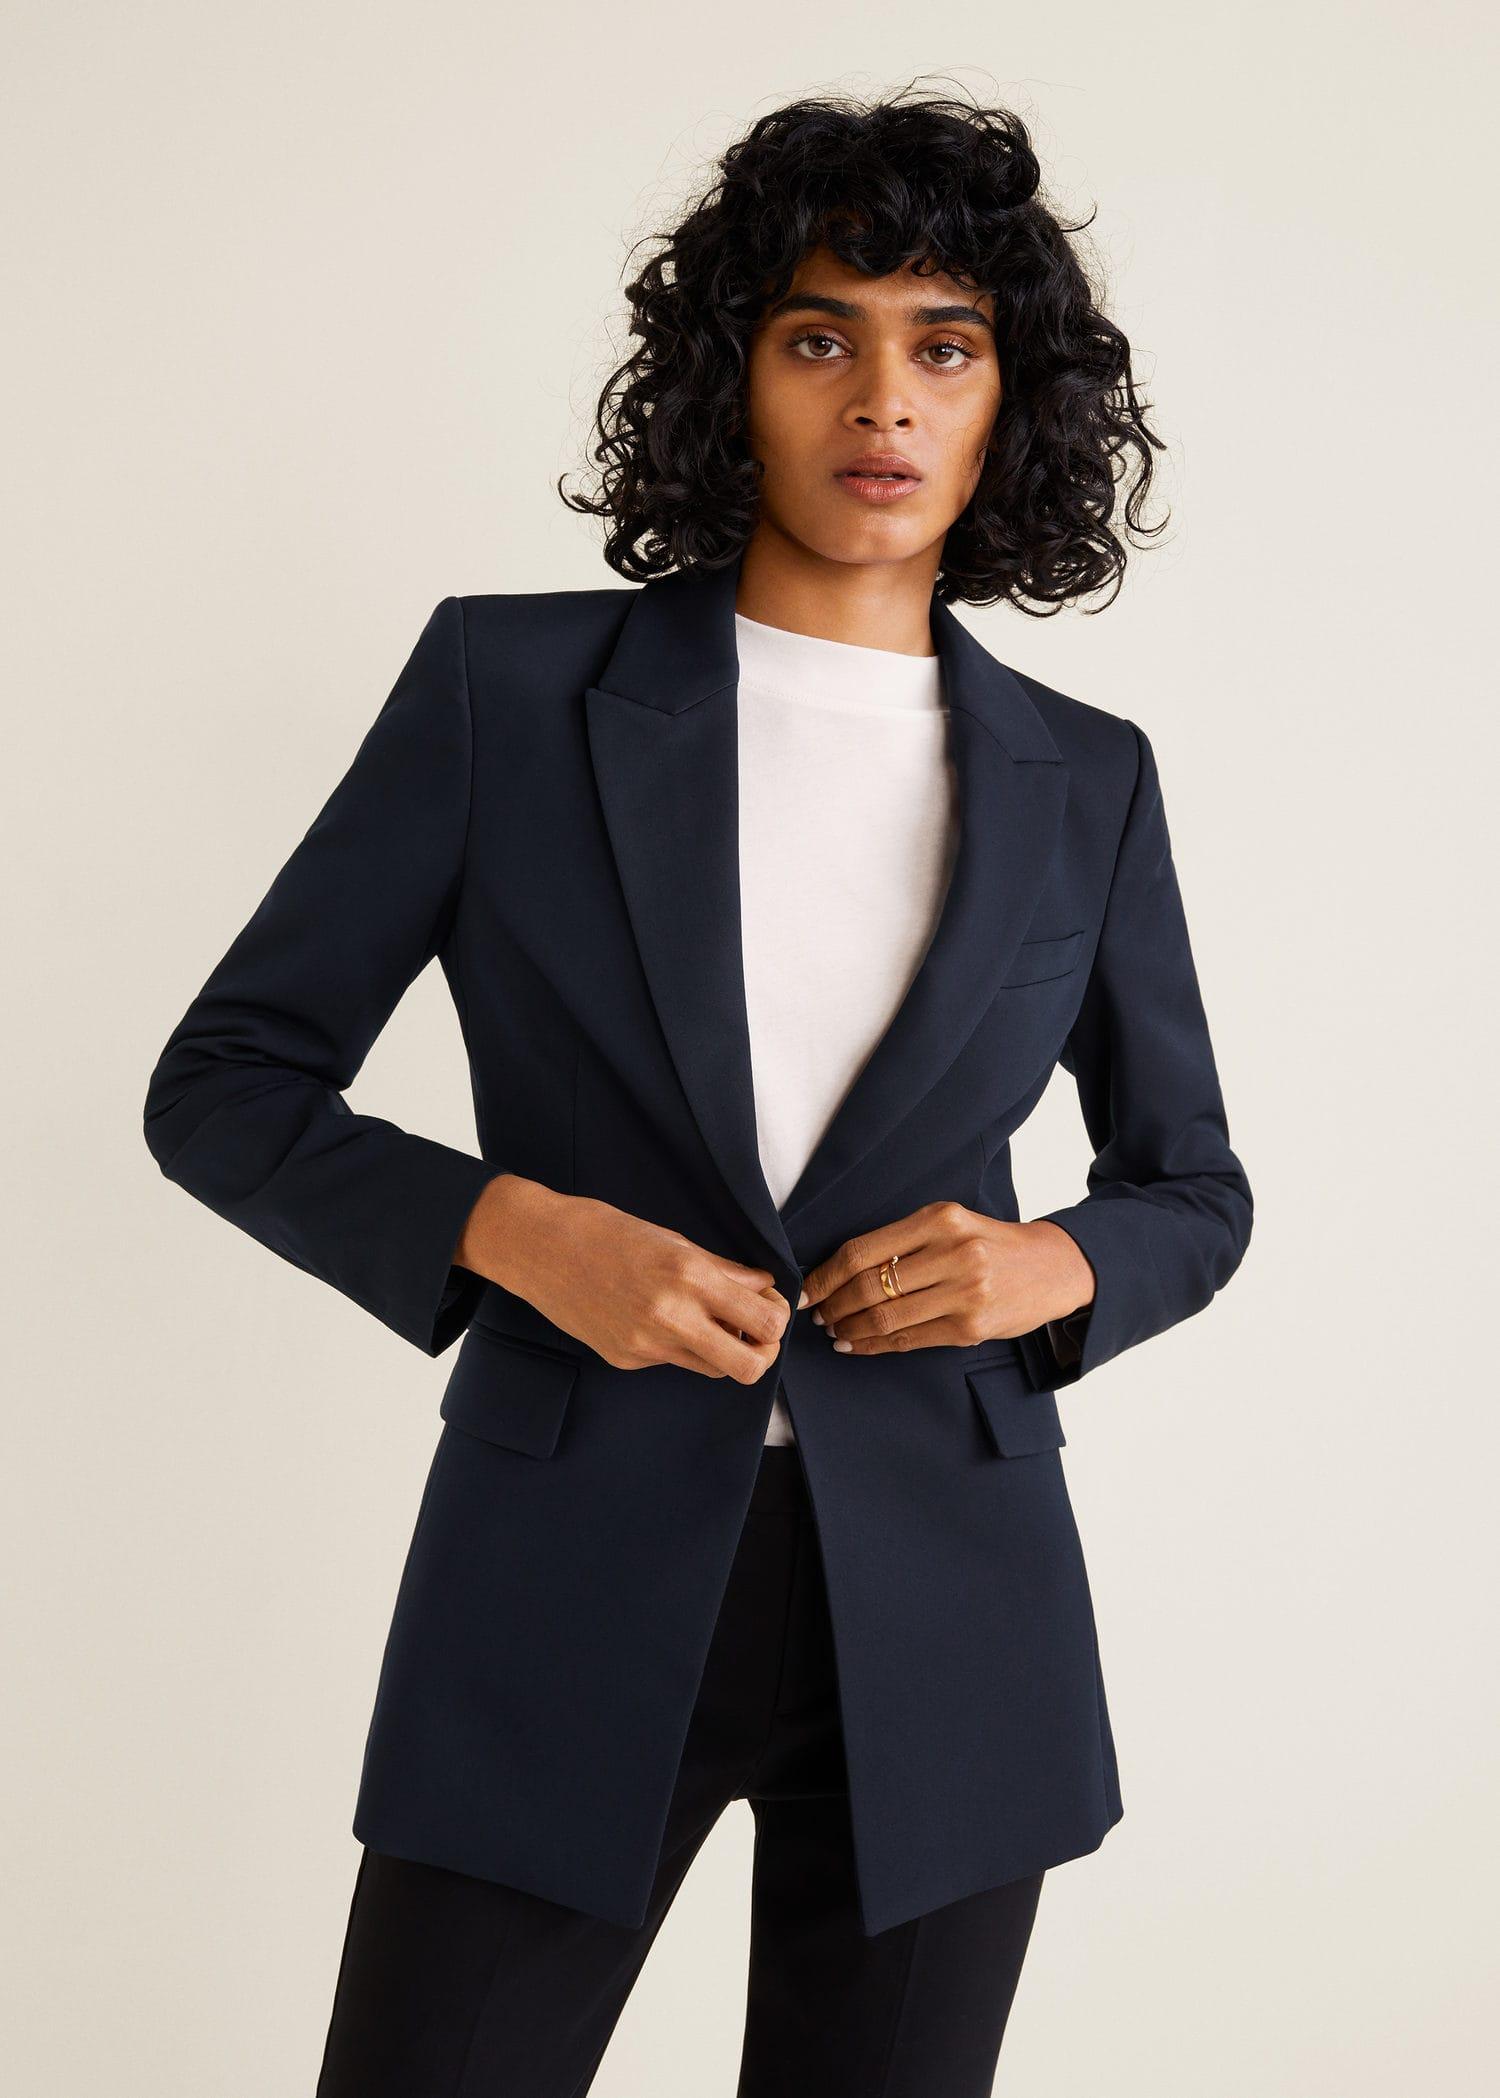 eafa252b98d7 Traje chaqueta smoking mujer – Revista de moda popular